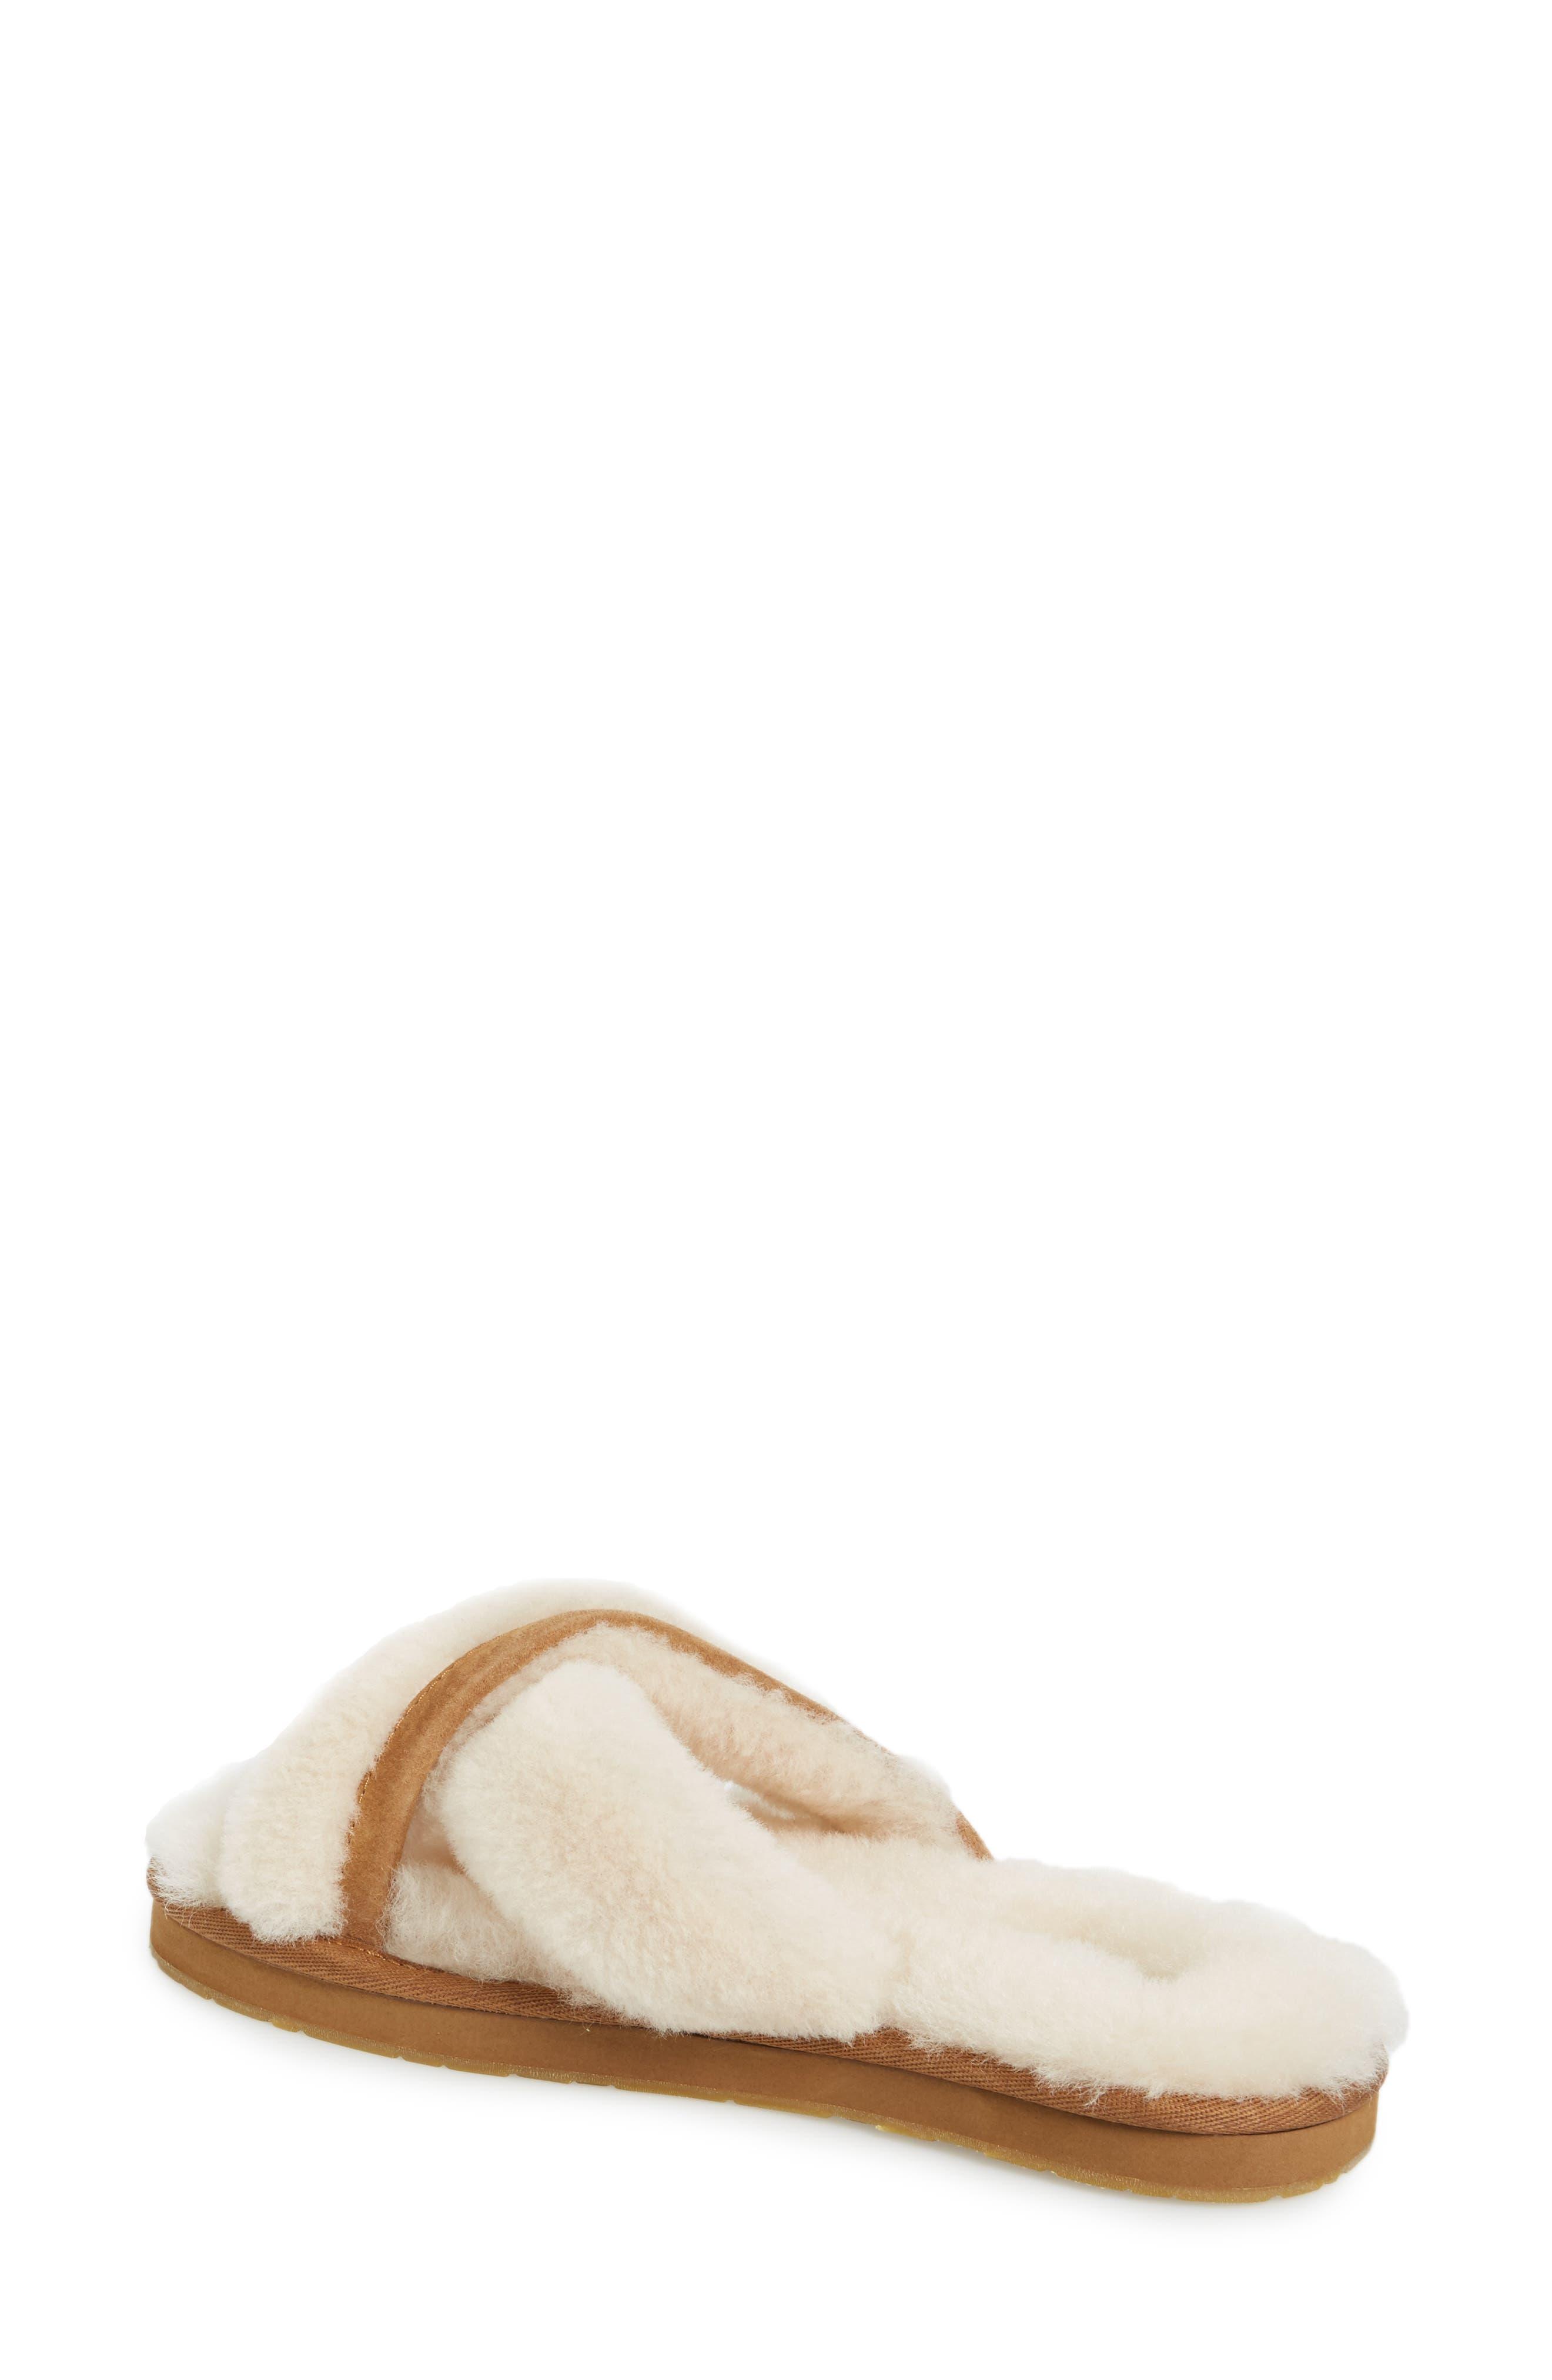 3e140a08165545 Women s Shoes Sale